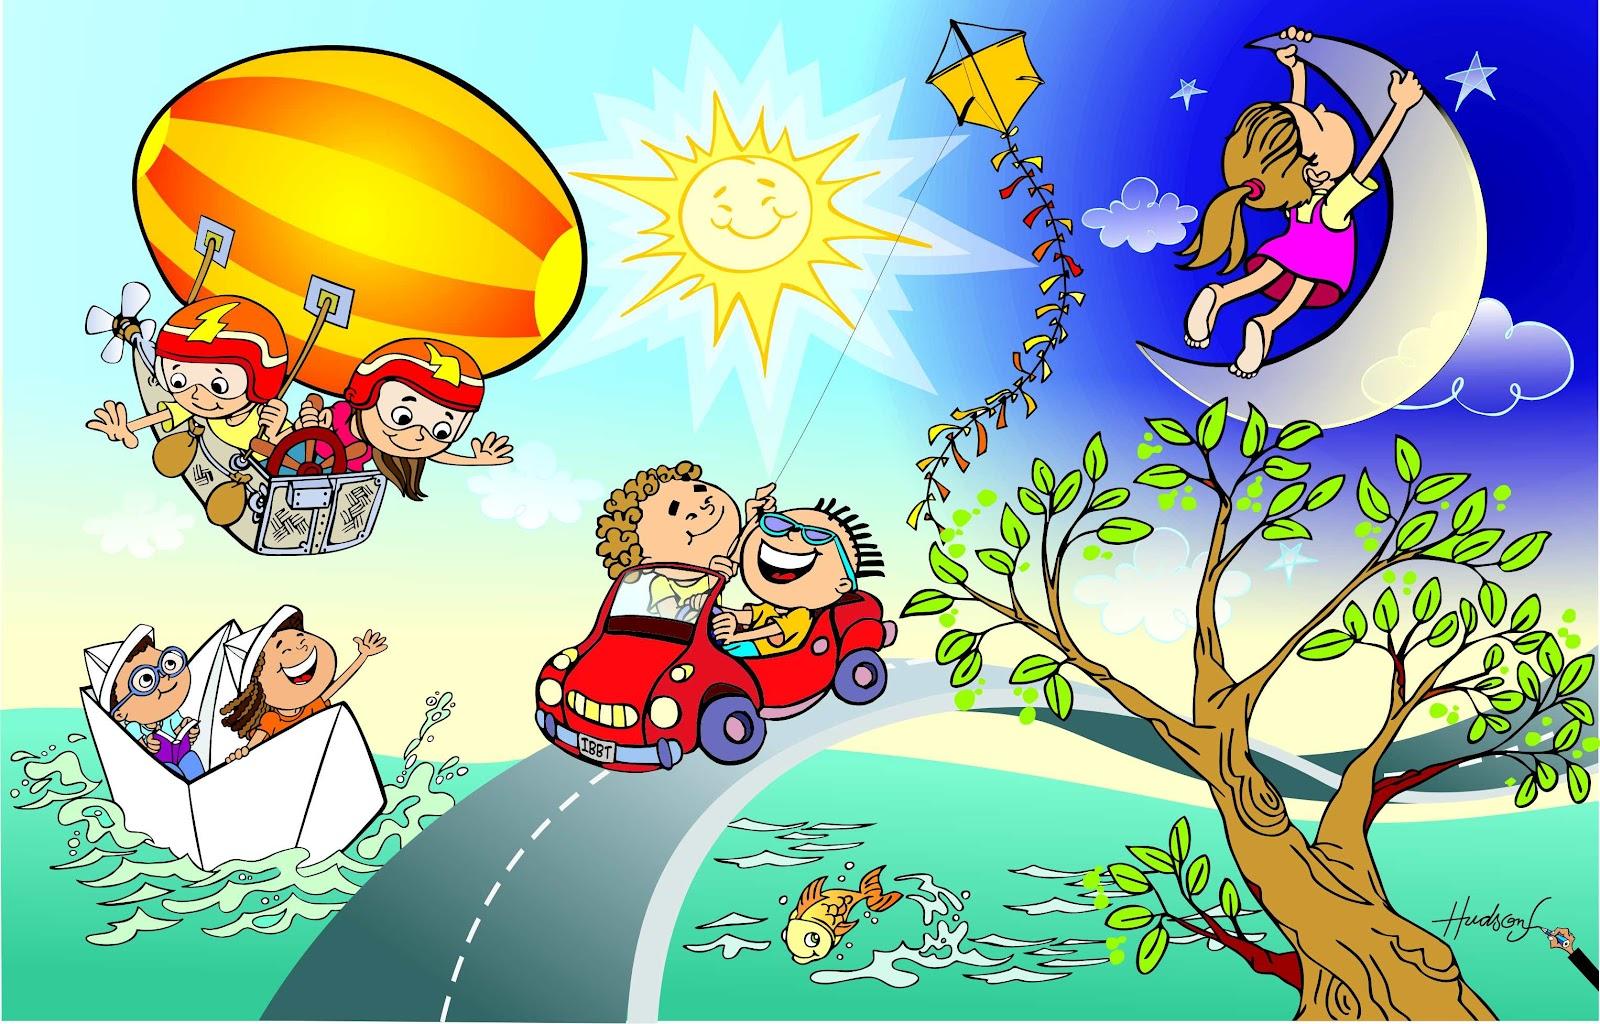 Traço Original: Desenhos 'mundo infantil'